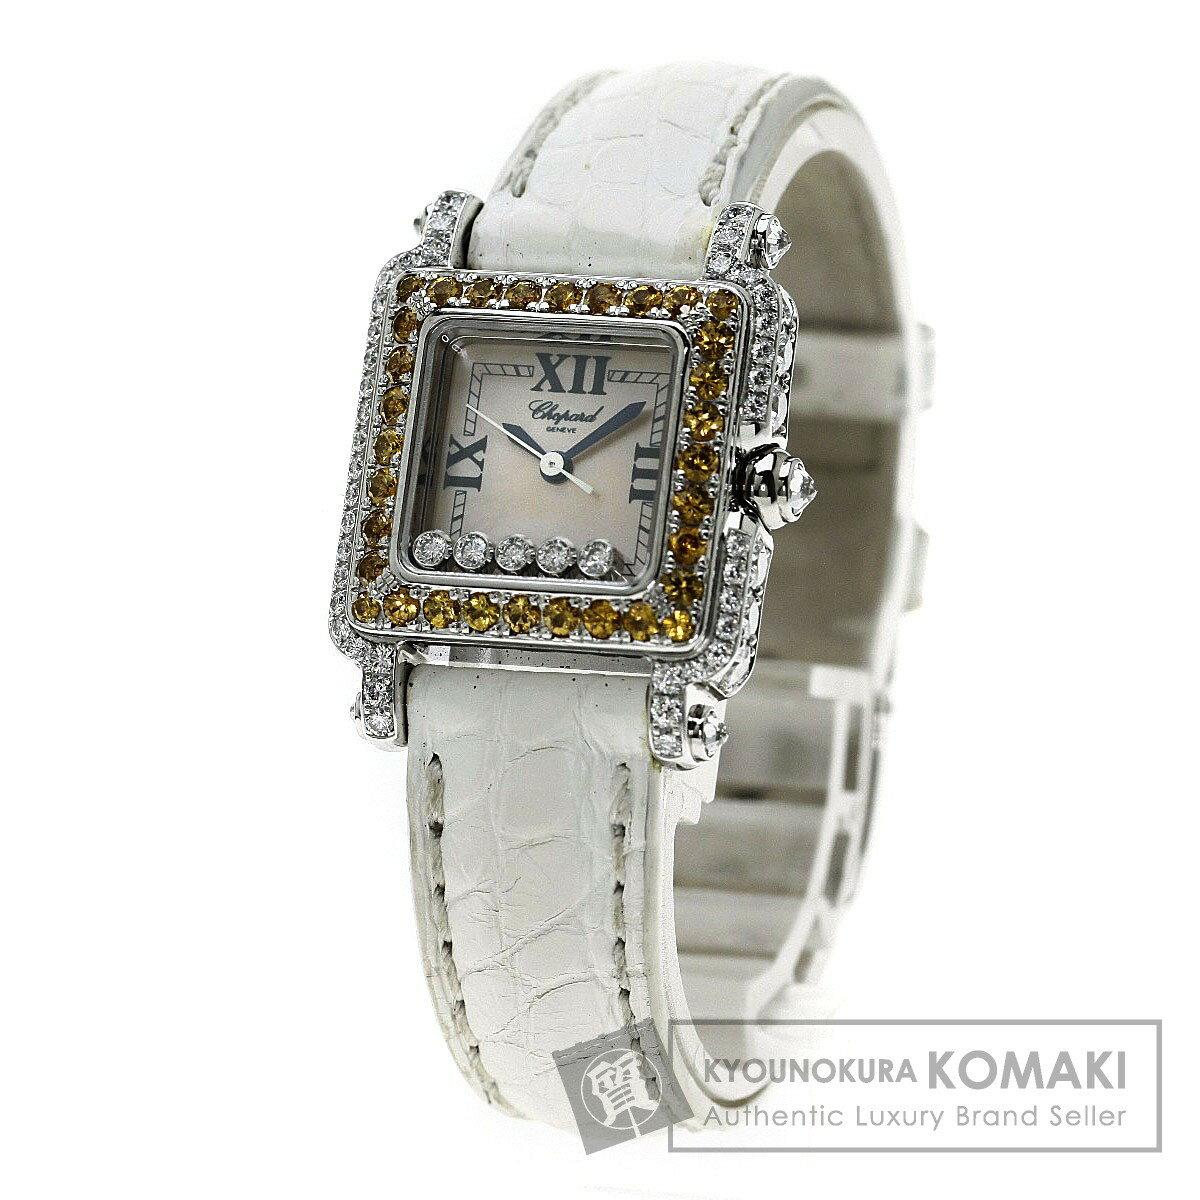 Chopard 27/6852 ハッピースポーツ 腕時計 K18ホワイトゴールド/革 レディース 【中古】【ショパール】